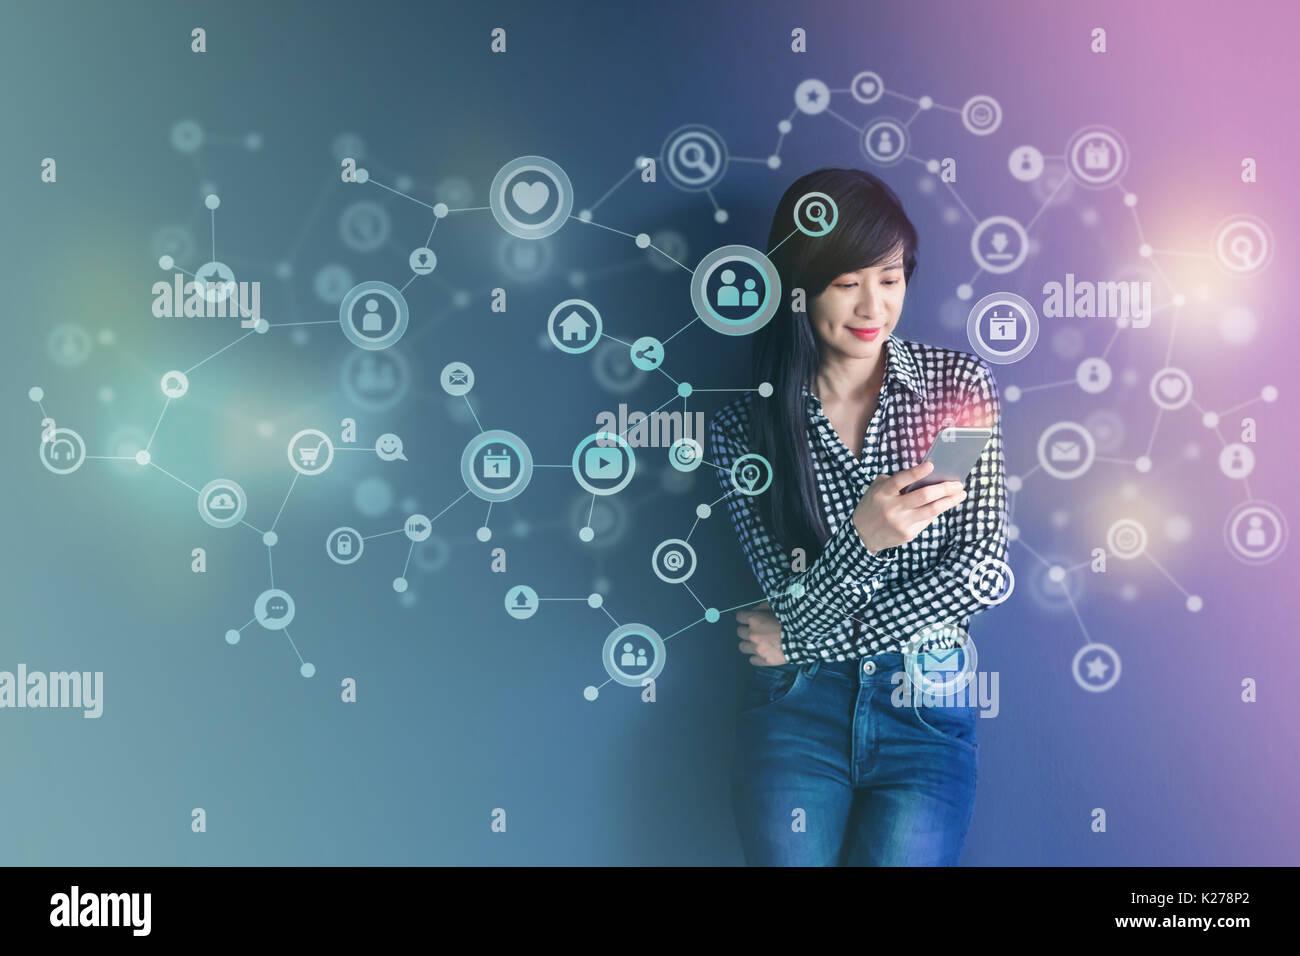 La tecnologia di comunicazione sulla vita quotidiana tramite Smart Phone concetto, social media o sistema di rete presente su Soft focus di Felice donna in piedi e enj Immagini Stock